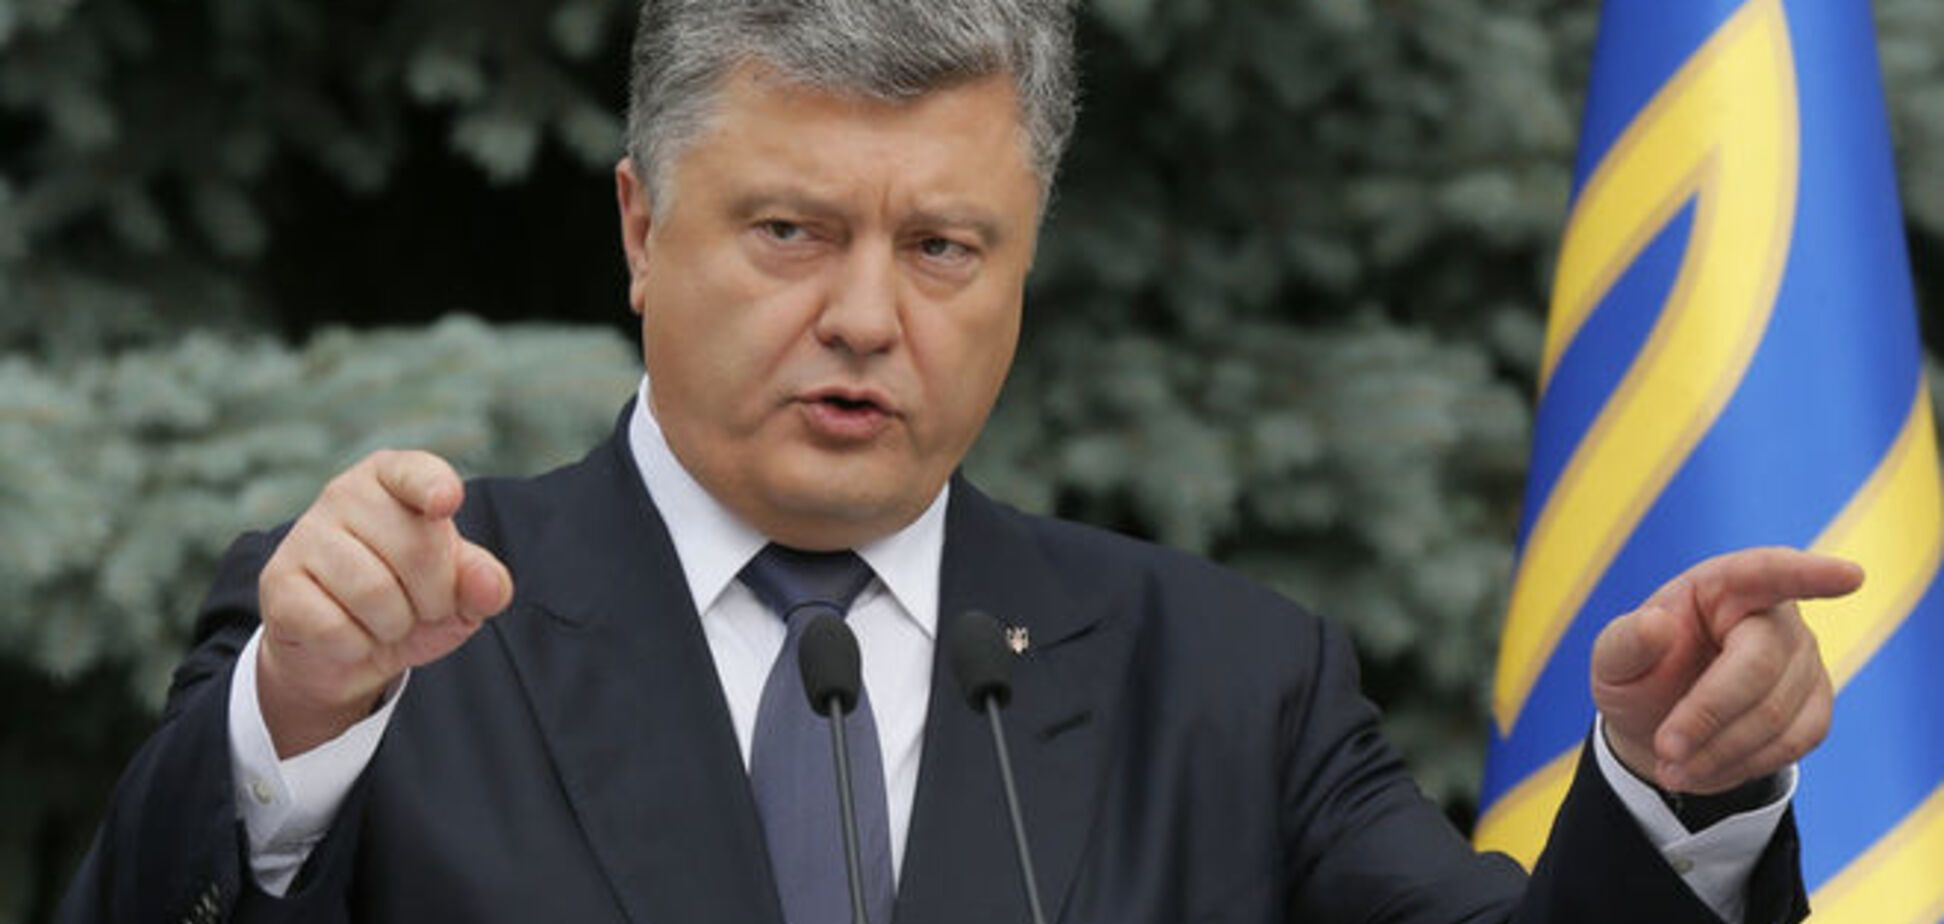 Порошенко назвал террористами стрелков из Мукачево